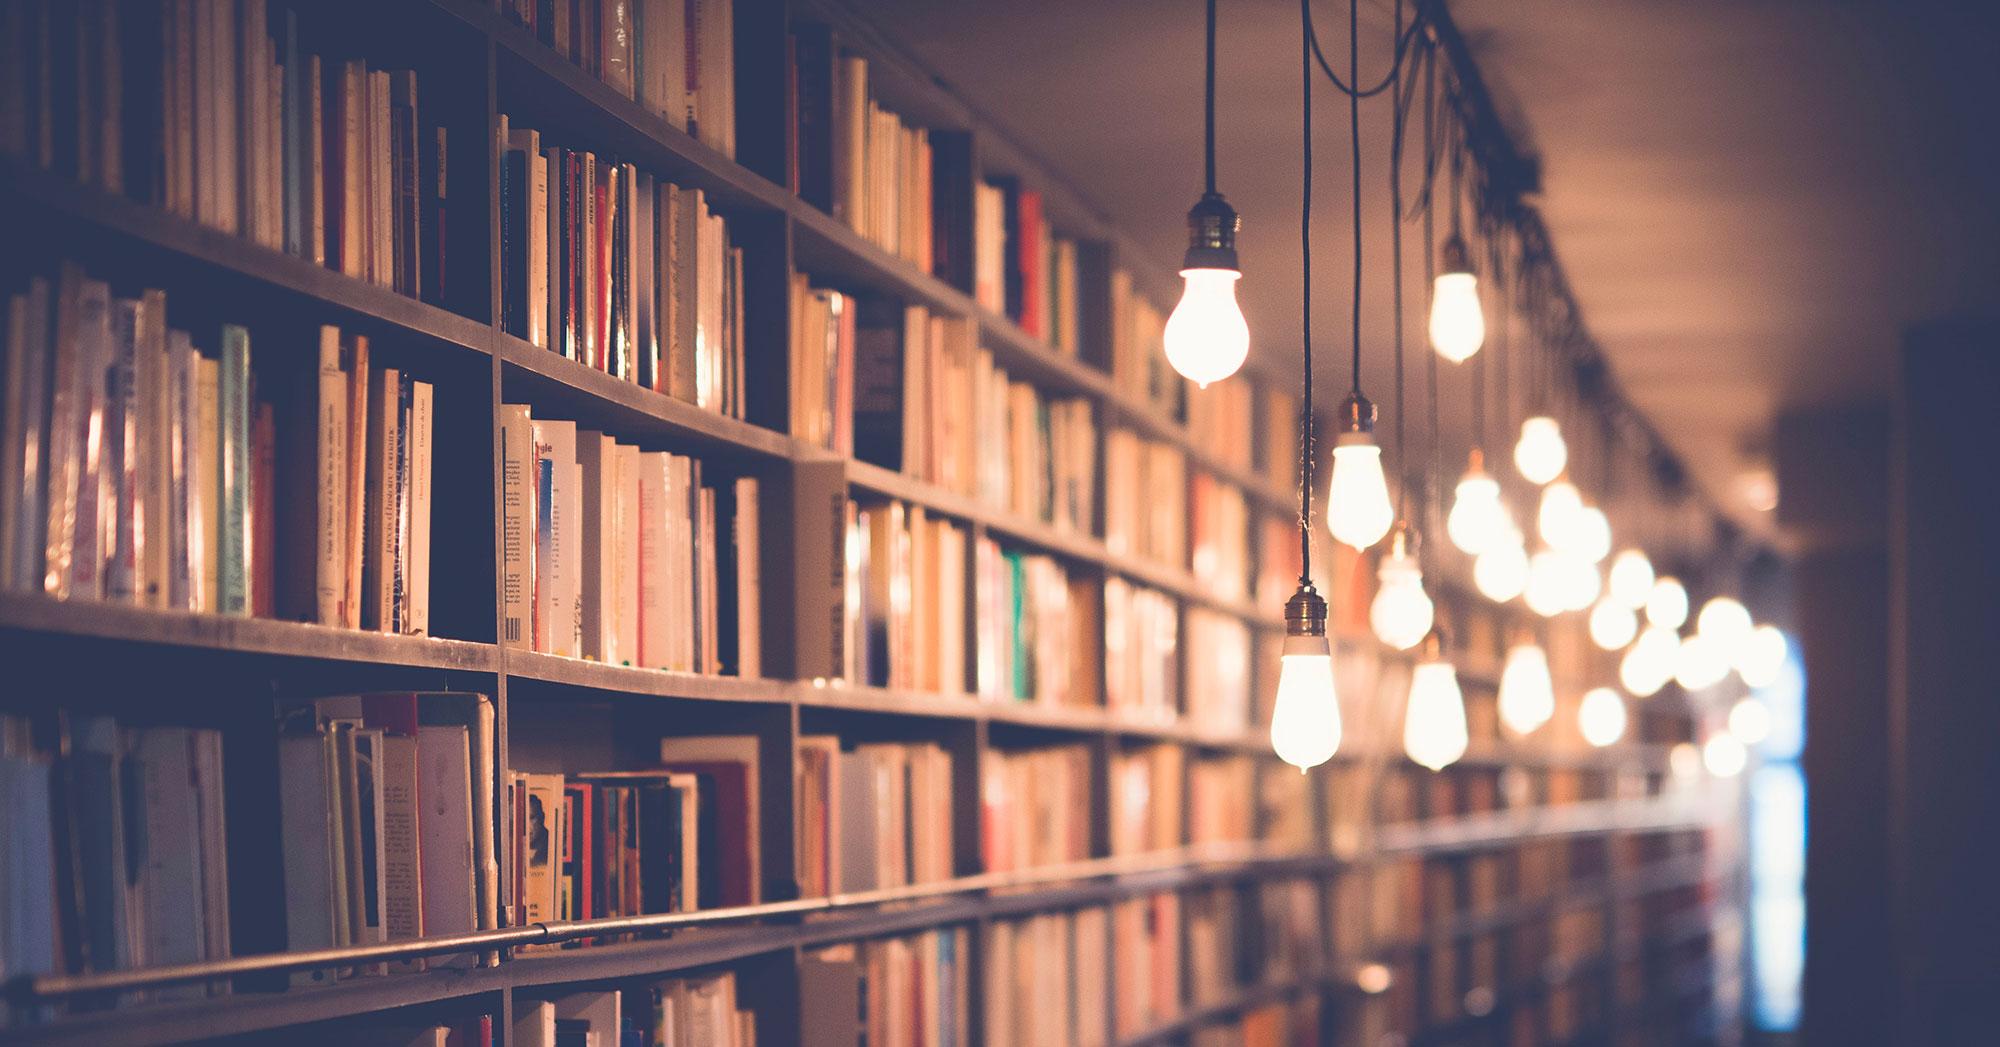 Libreria illuminata da lampadine che scendono dal soffitto